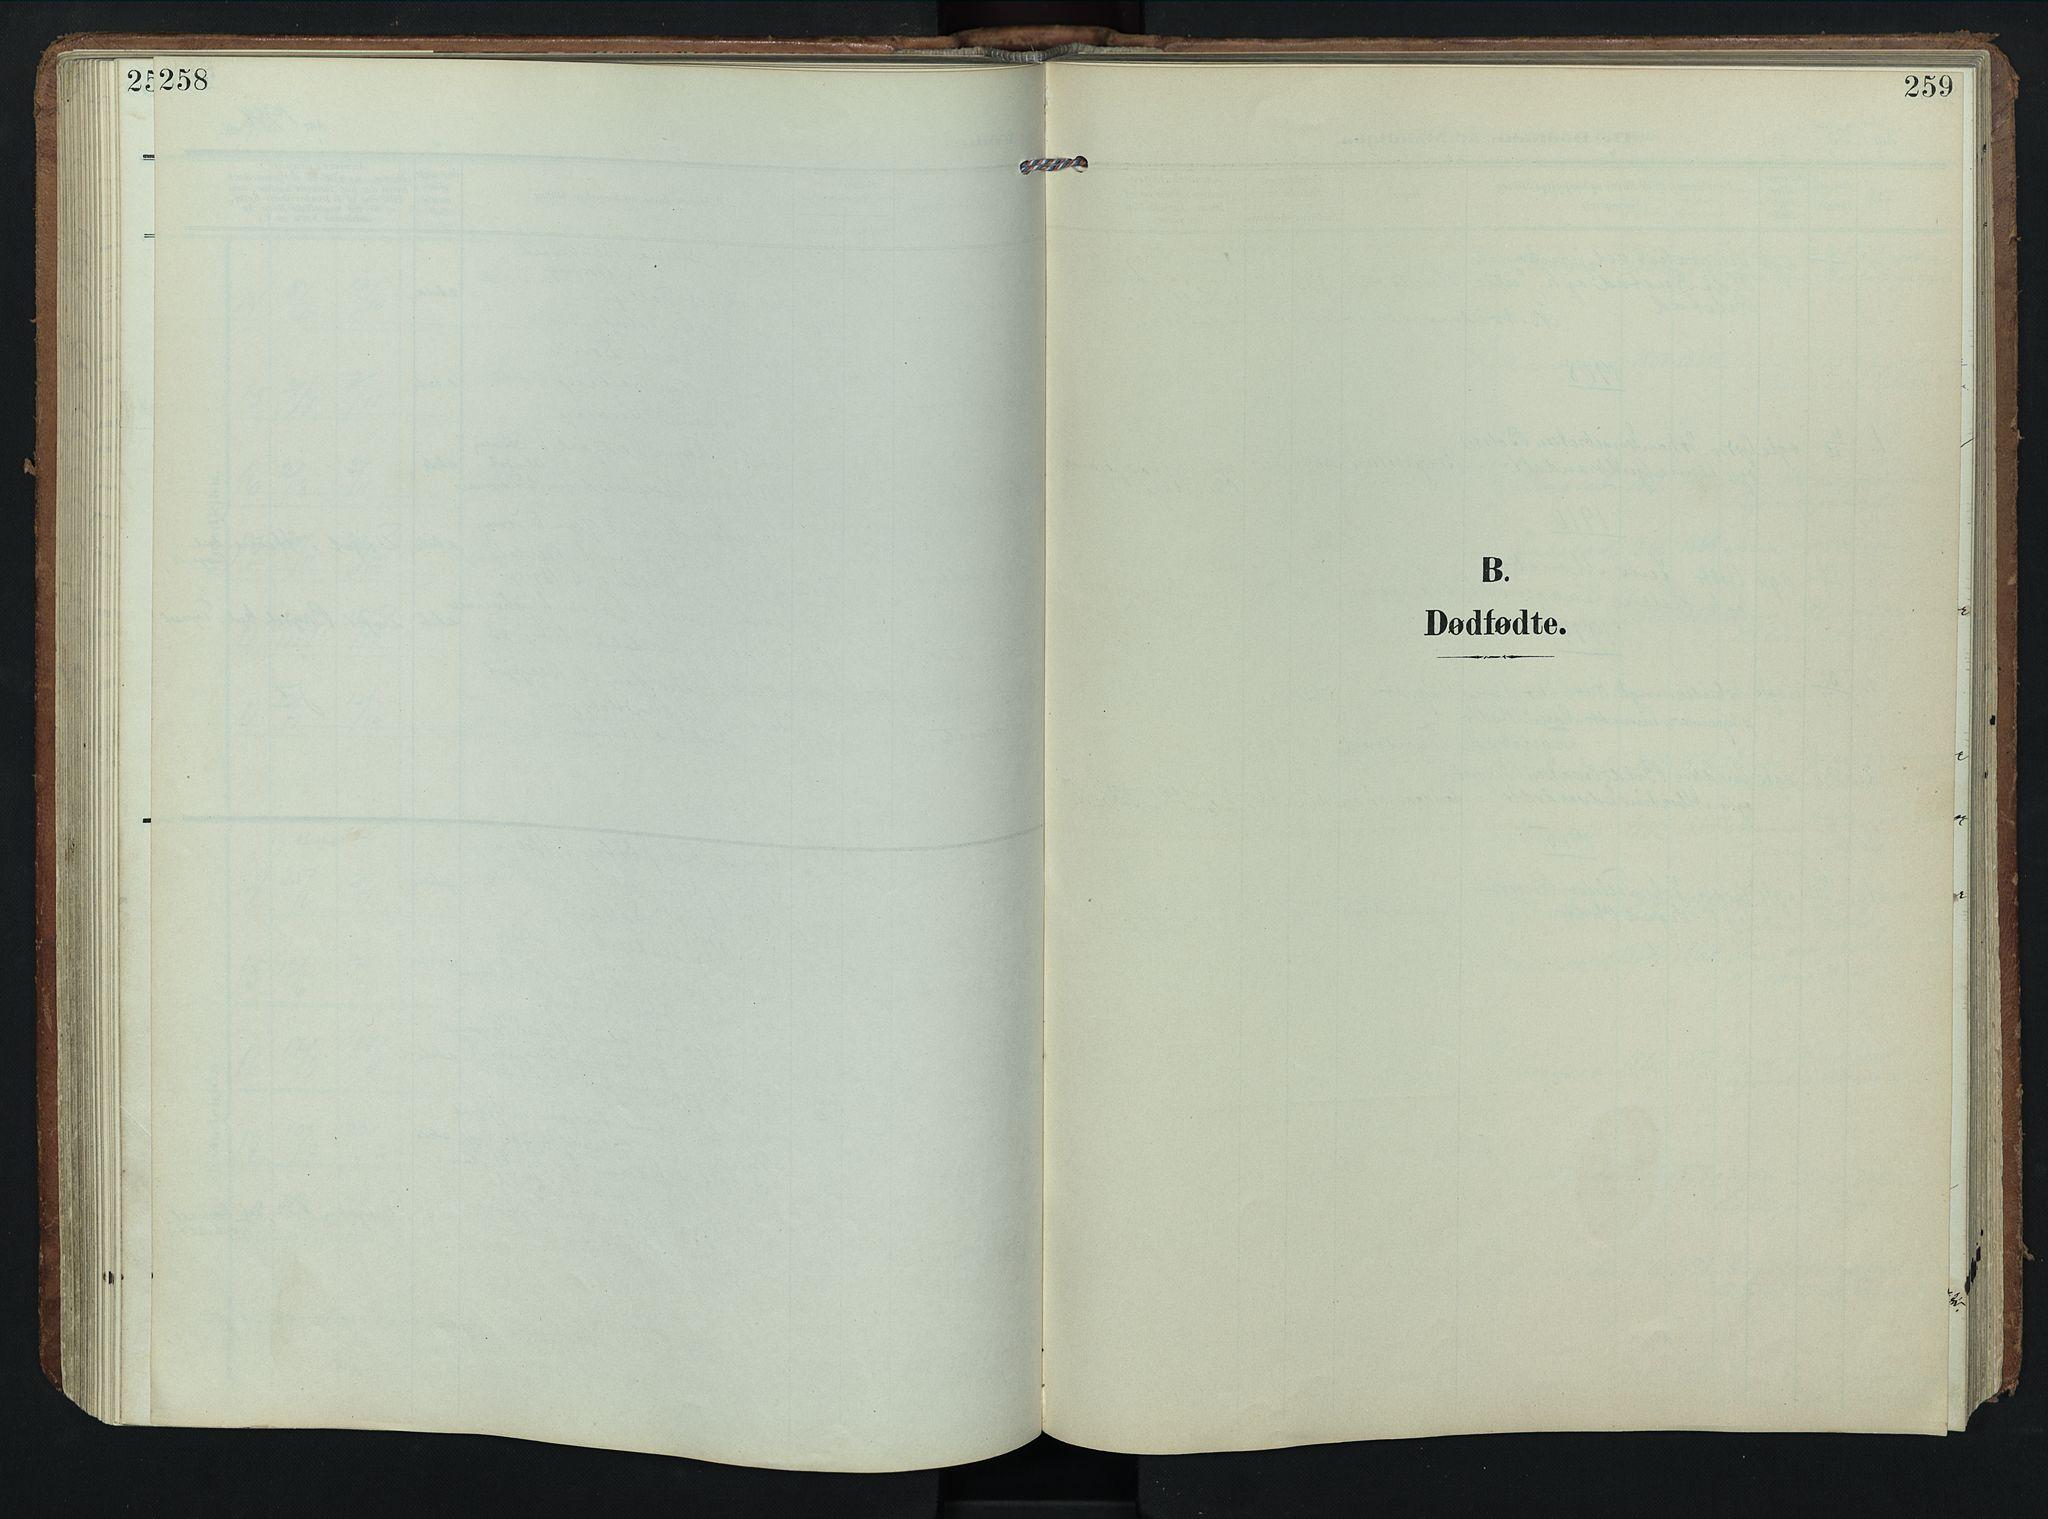 SAH, Rendalen prestekontor, H/Ha/Hab/L0004: Klokkerbok nr. 4, 1904-1946, s. 258-259